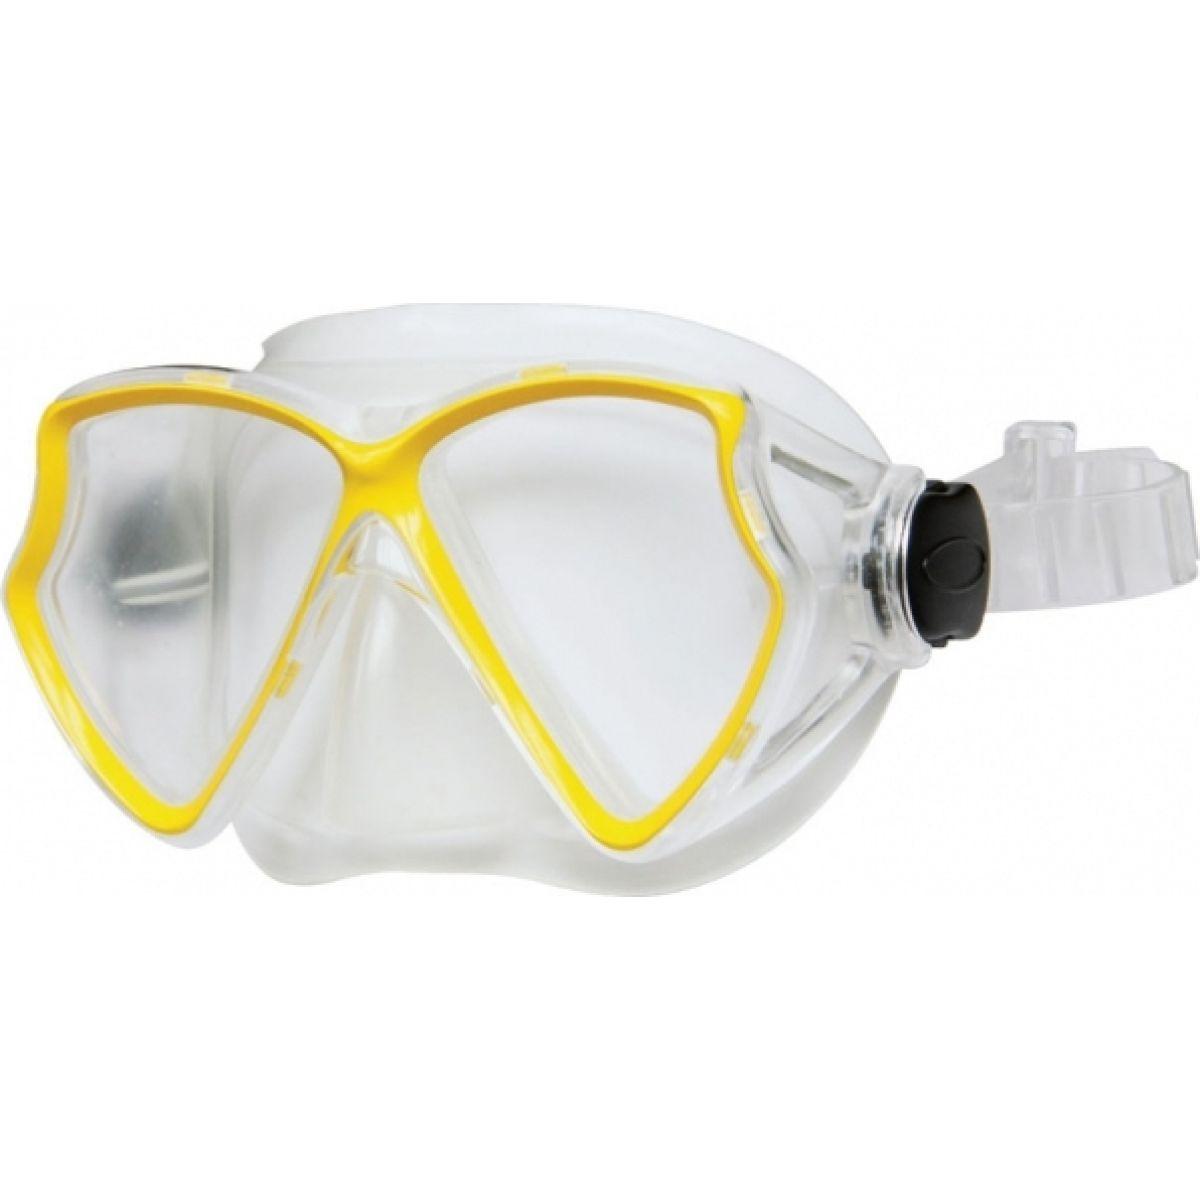 Intex 55980 Potápěčské brýle Pro Series - Žlutá